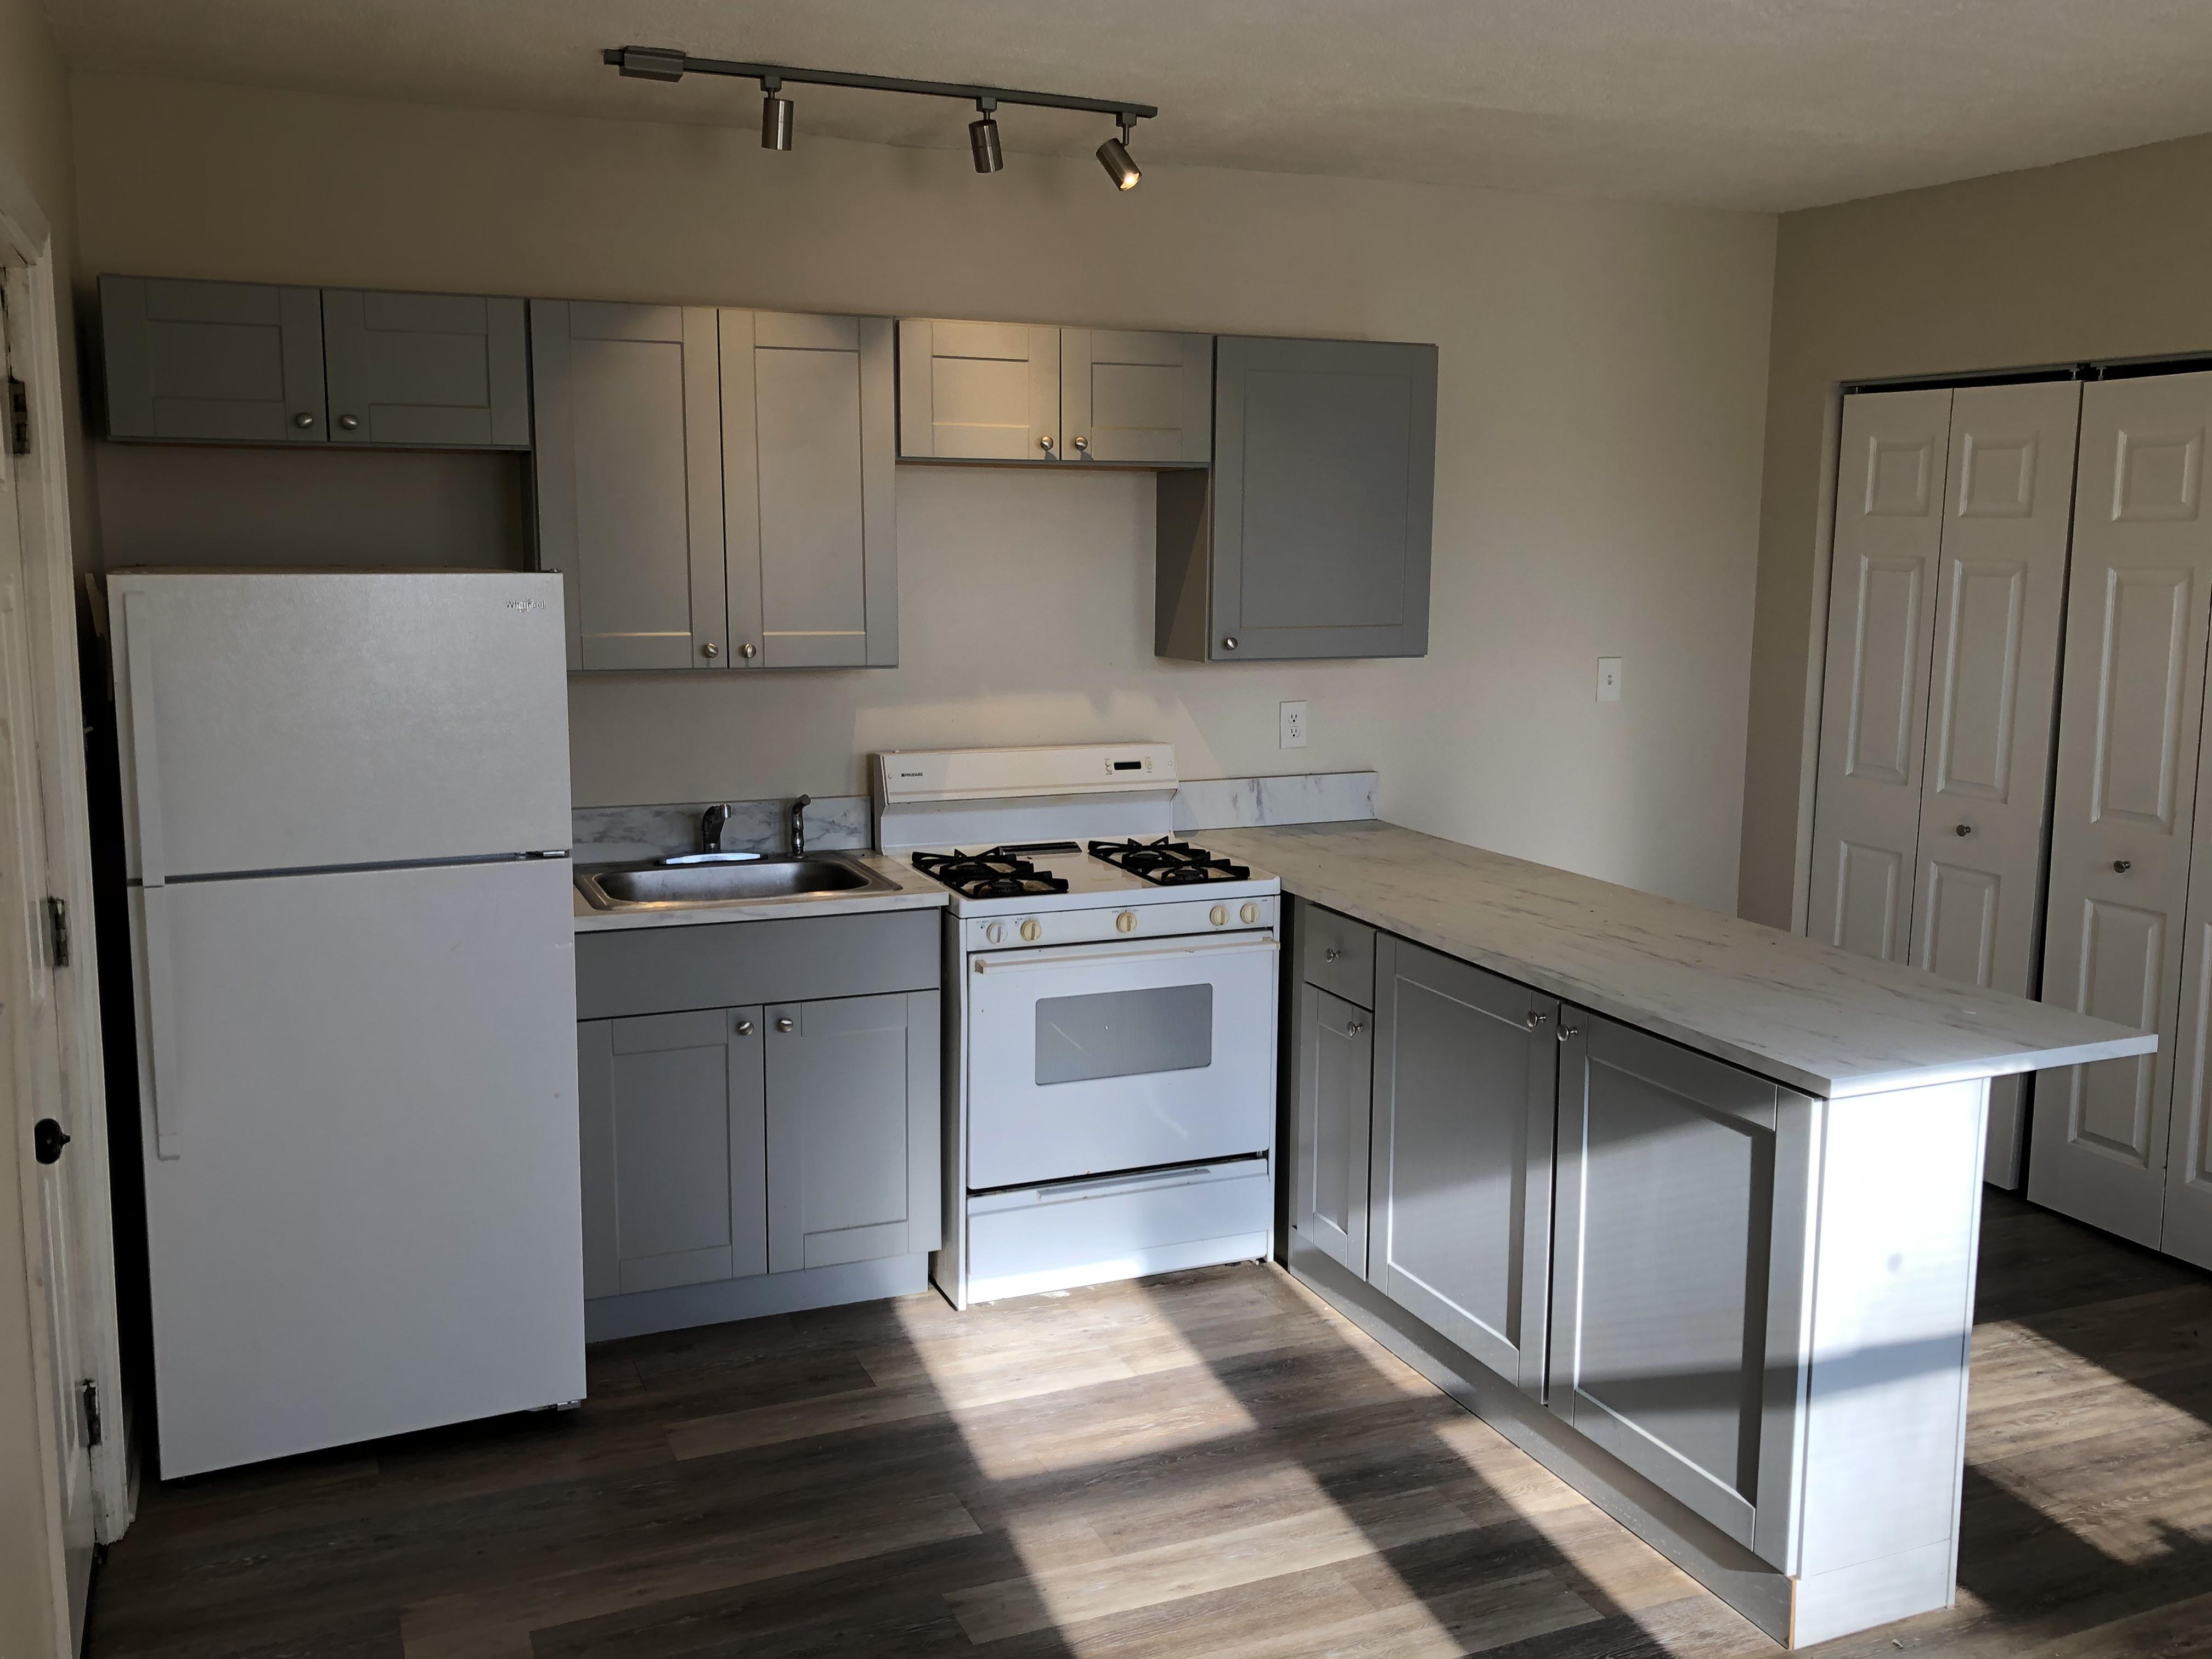 Studio apartment in Austin Chicago, 5412 W Ferdinand, Chicago IL 60644, Unit #01B